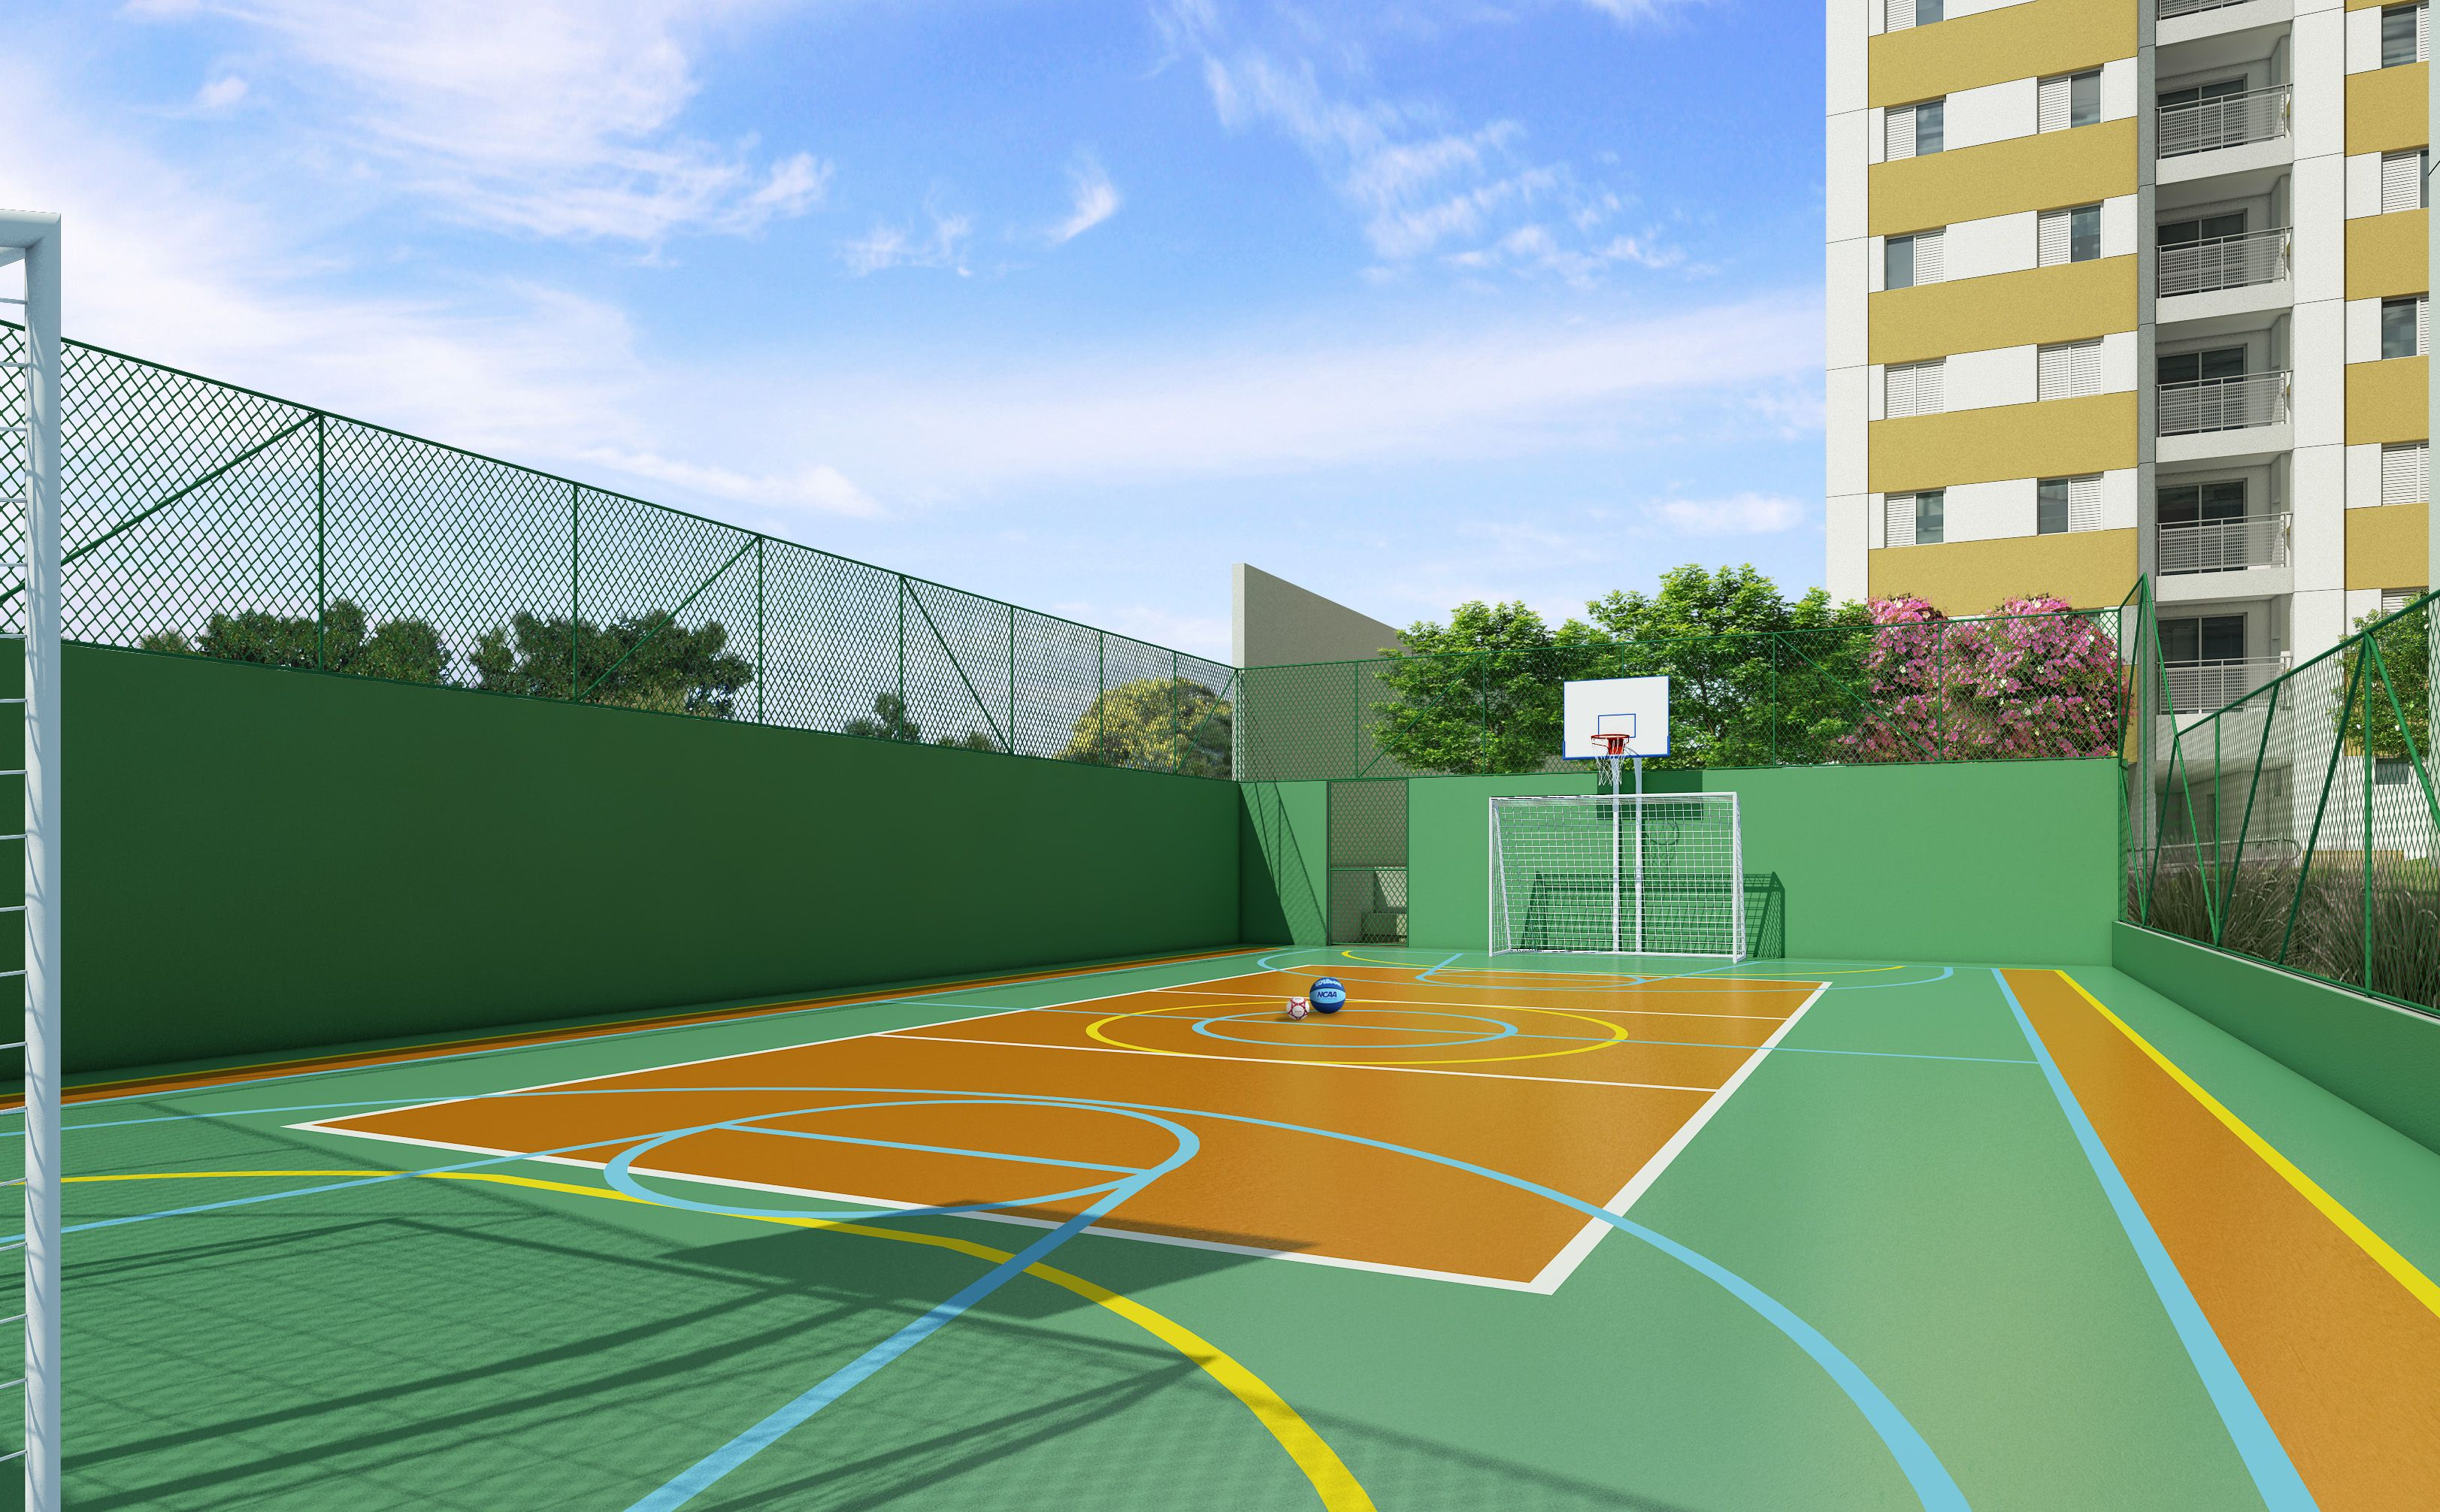 Residencial Due Bosque Maia Quadra De Basquete Quadra Futsal